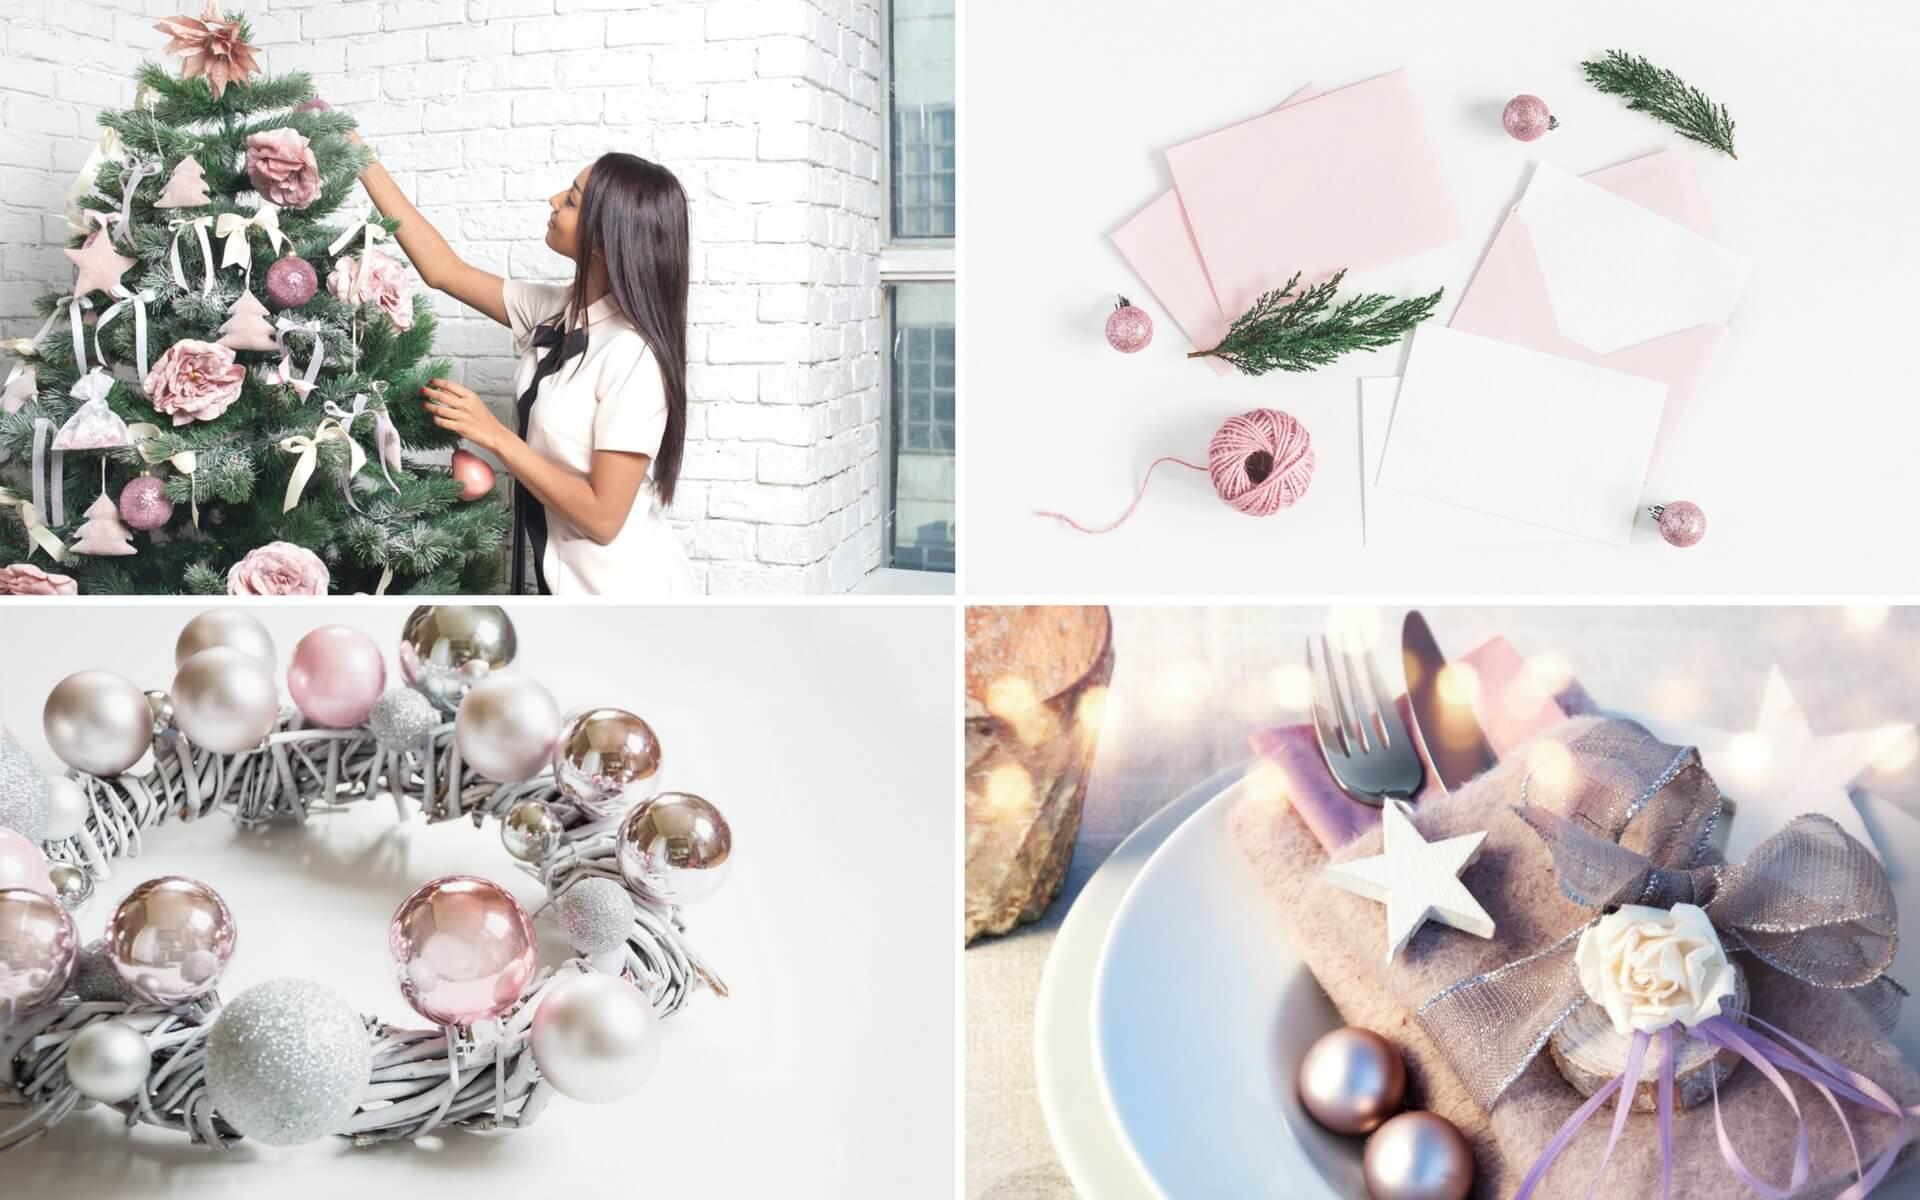 Consigli su come addobbare con il rosa la casa per Natale